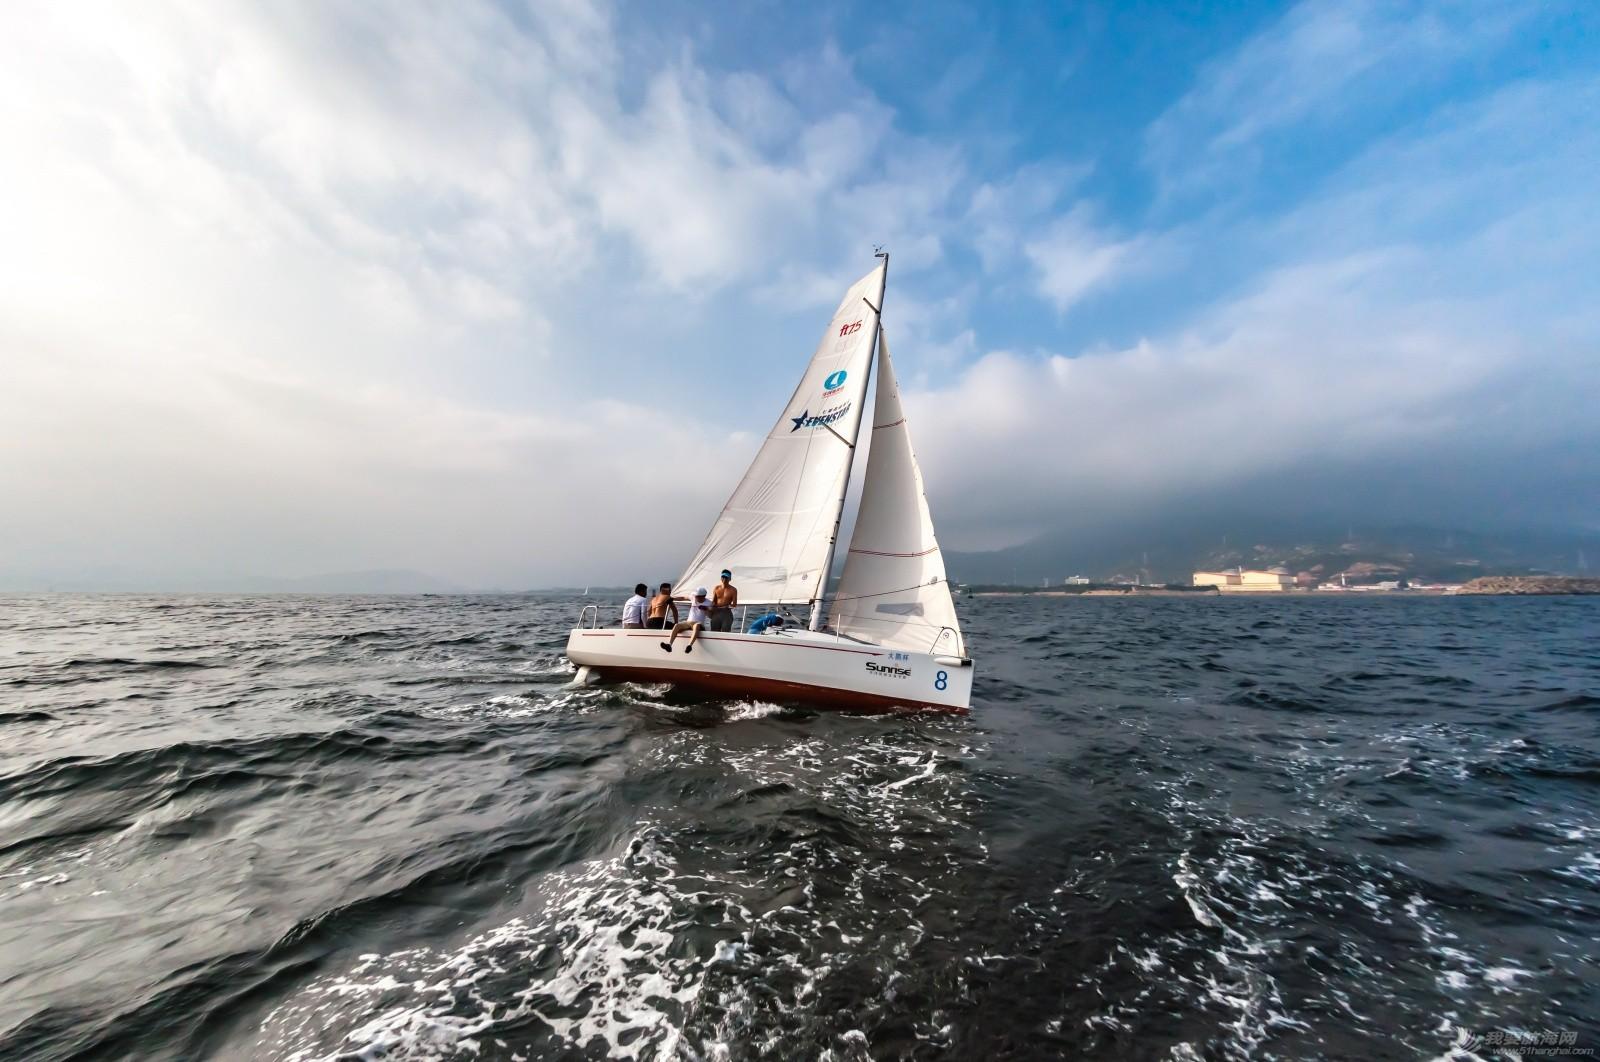 帆船 【2015大鹏杯帆船赛】鱼眼看航海 16013.jpg